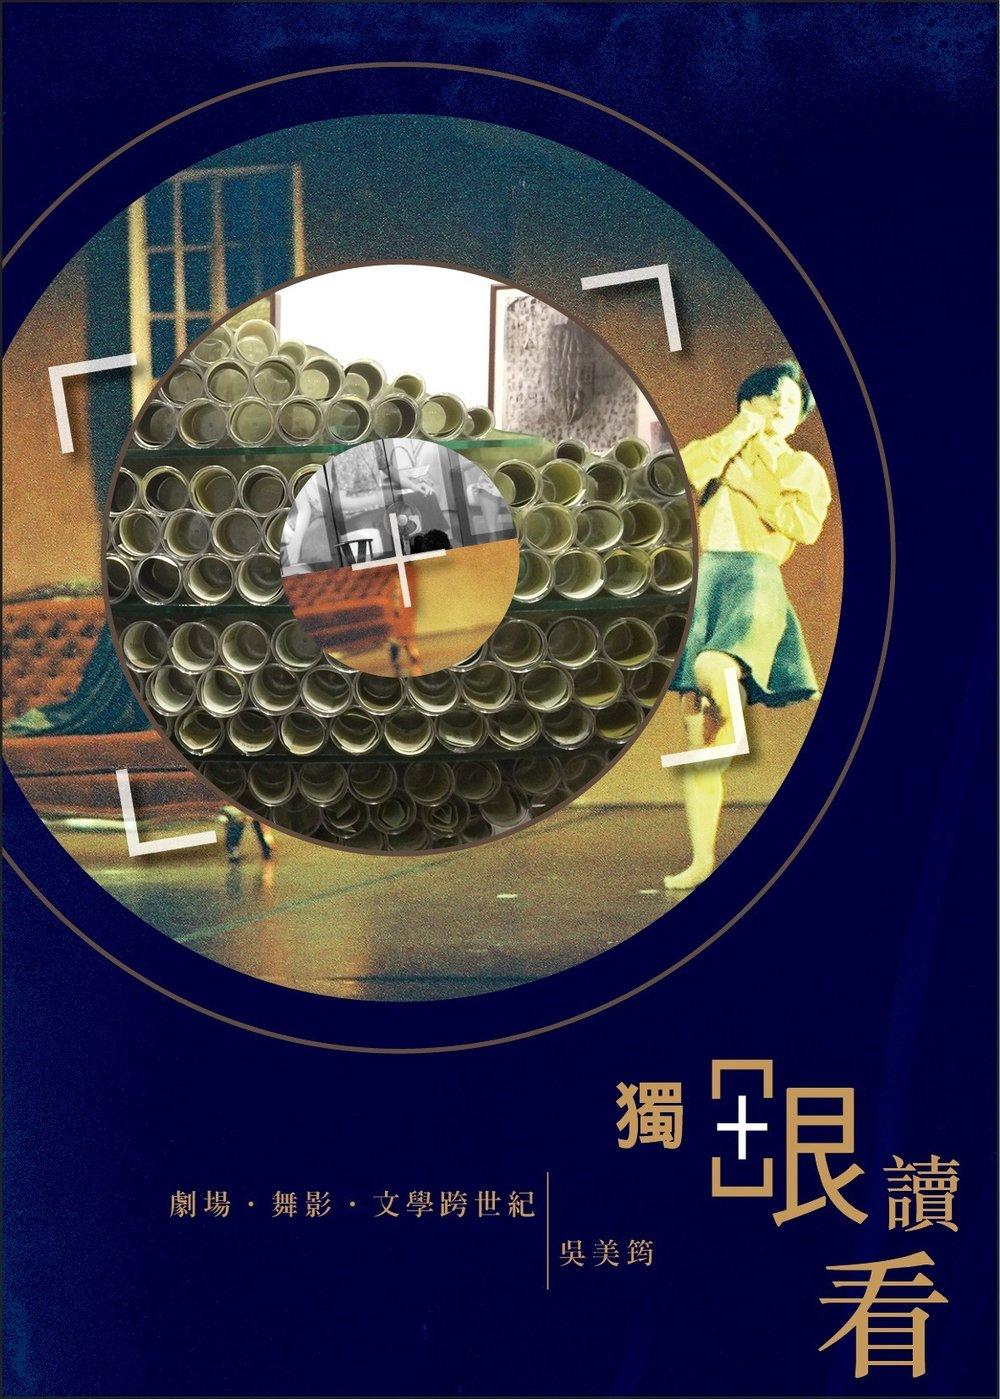 《獨眼讀看──劇場、舞影、文學跨世紀》書影